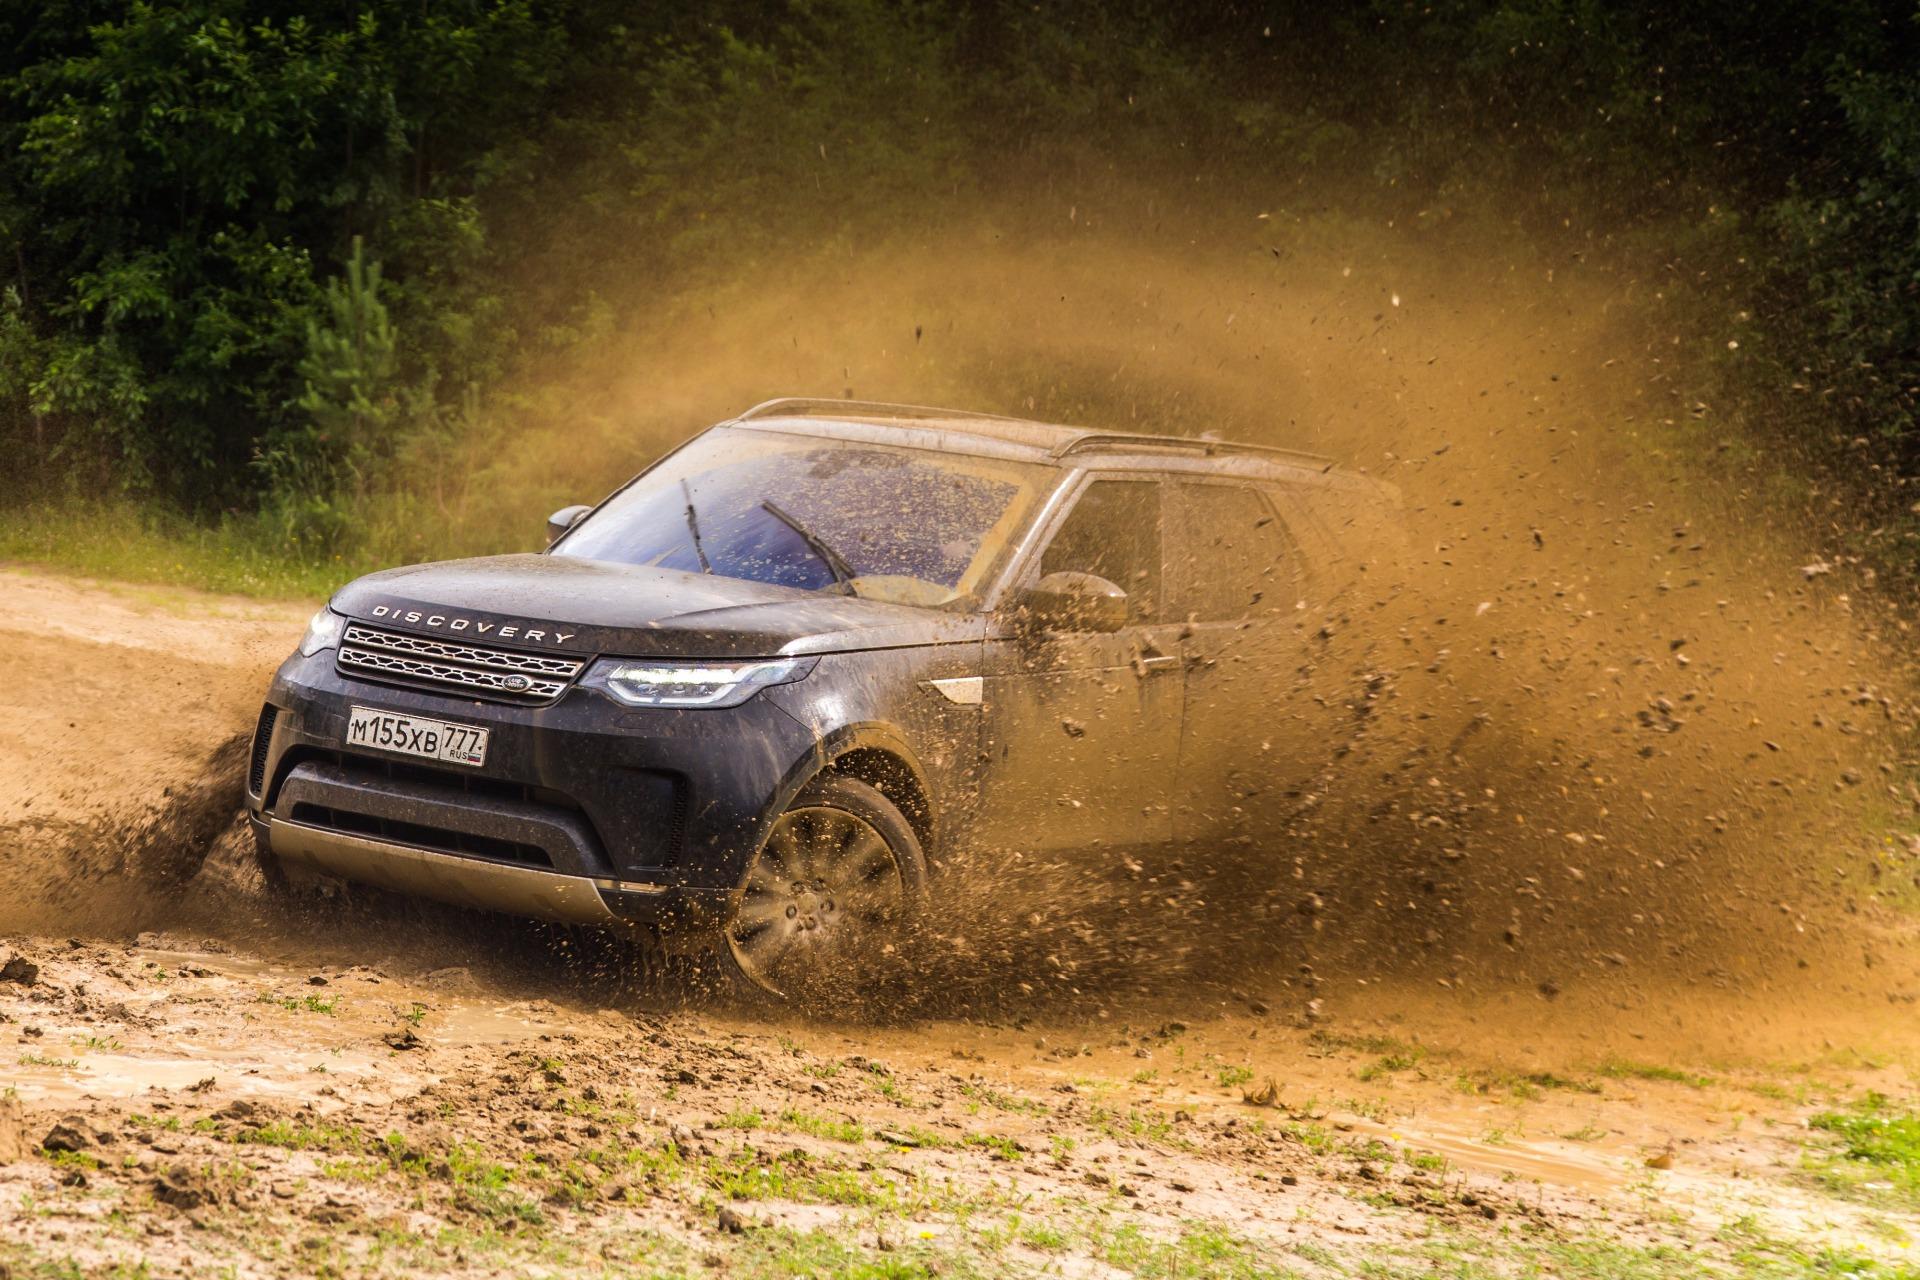 Улучшенный джип Ленд-Ровер Discovery Sport будет оснащаться гибридной установкой